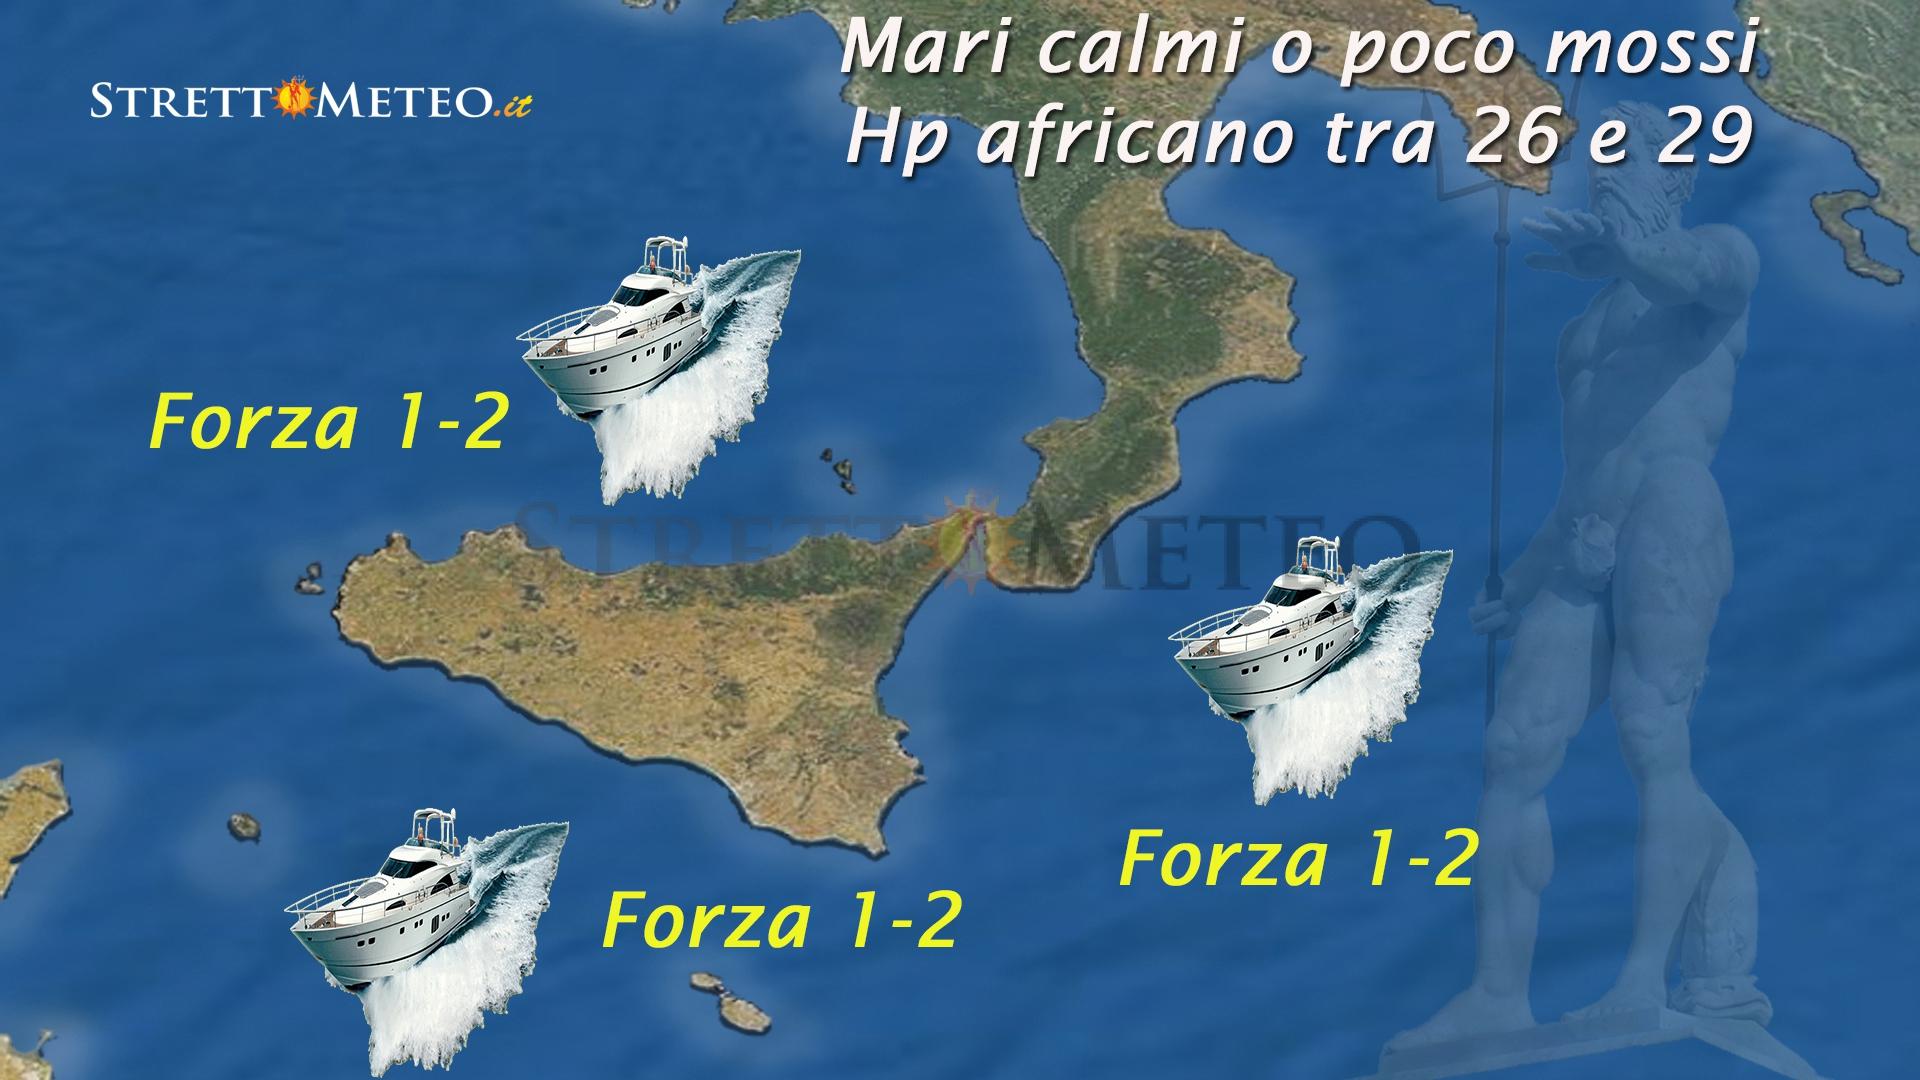 Meteo mare: calmi o poco mossi causa hp africano